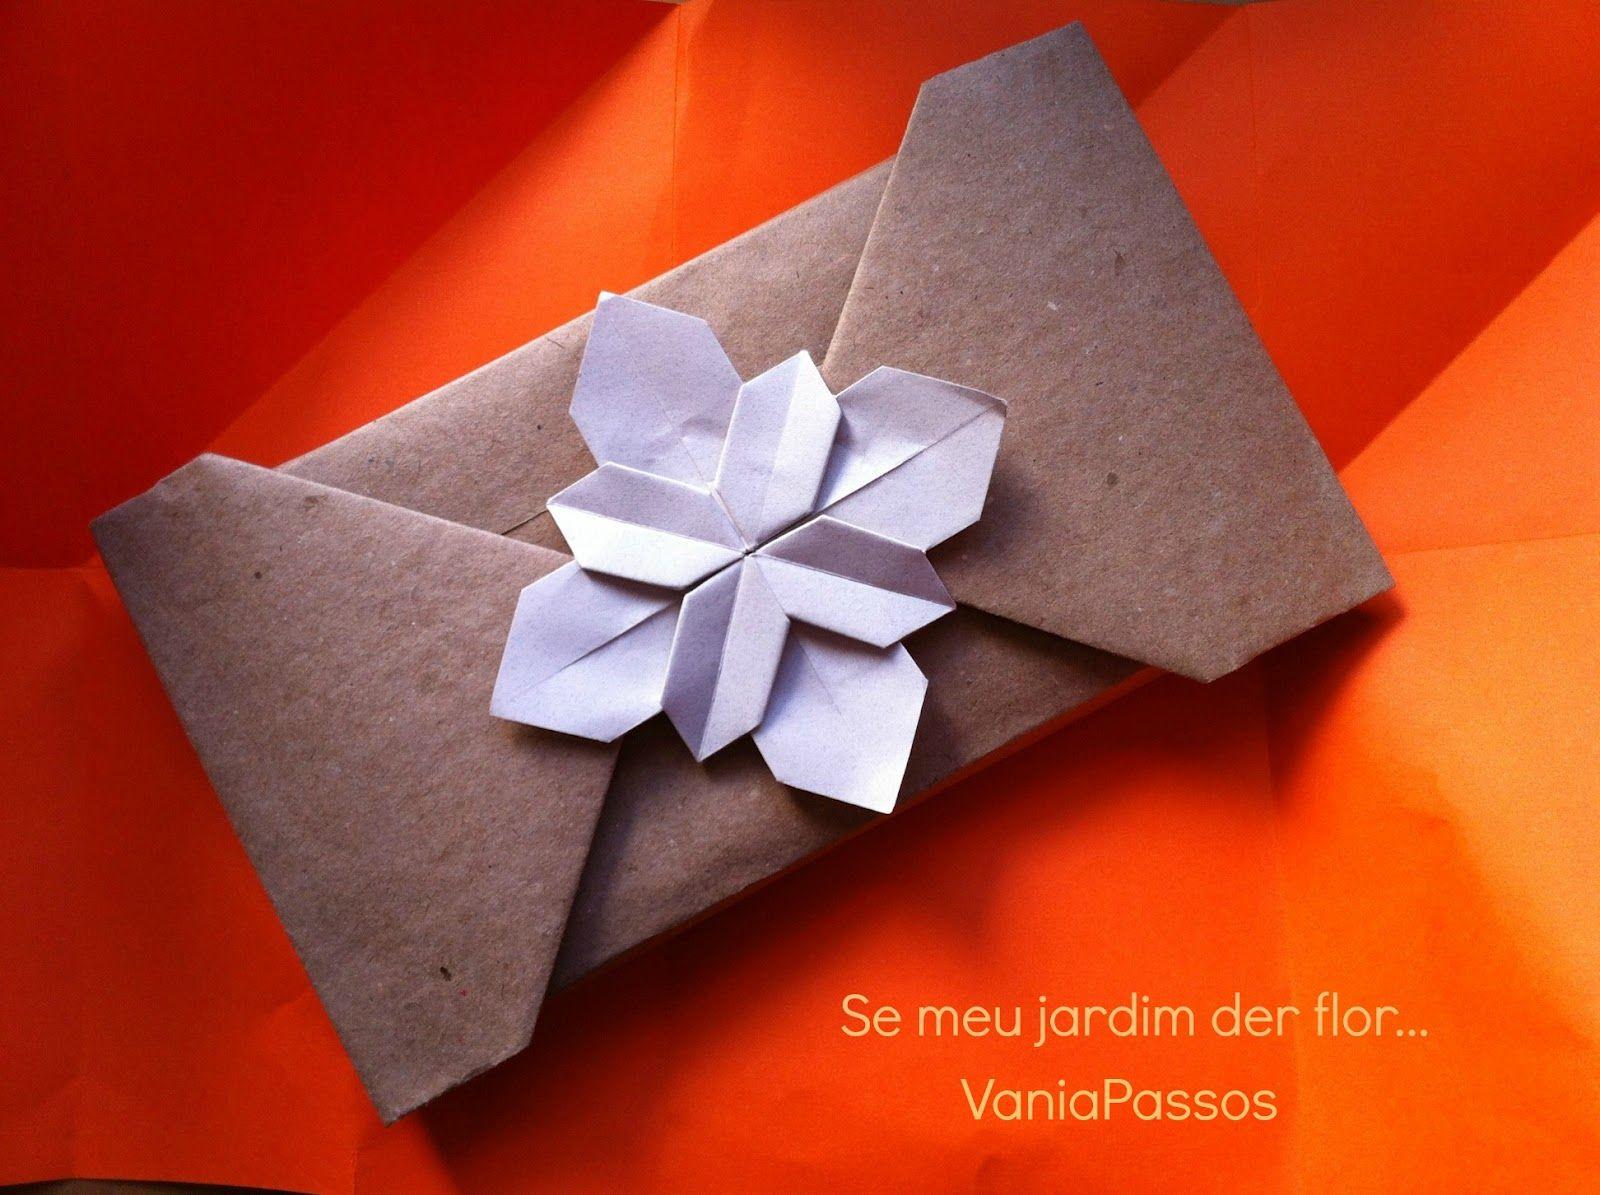 vania passos origami   SE MEU JARDIM DER FLOR...: Quando a embalagem se faz presente